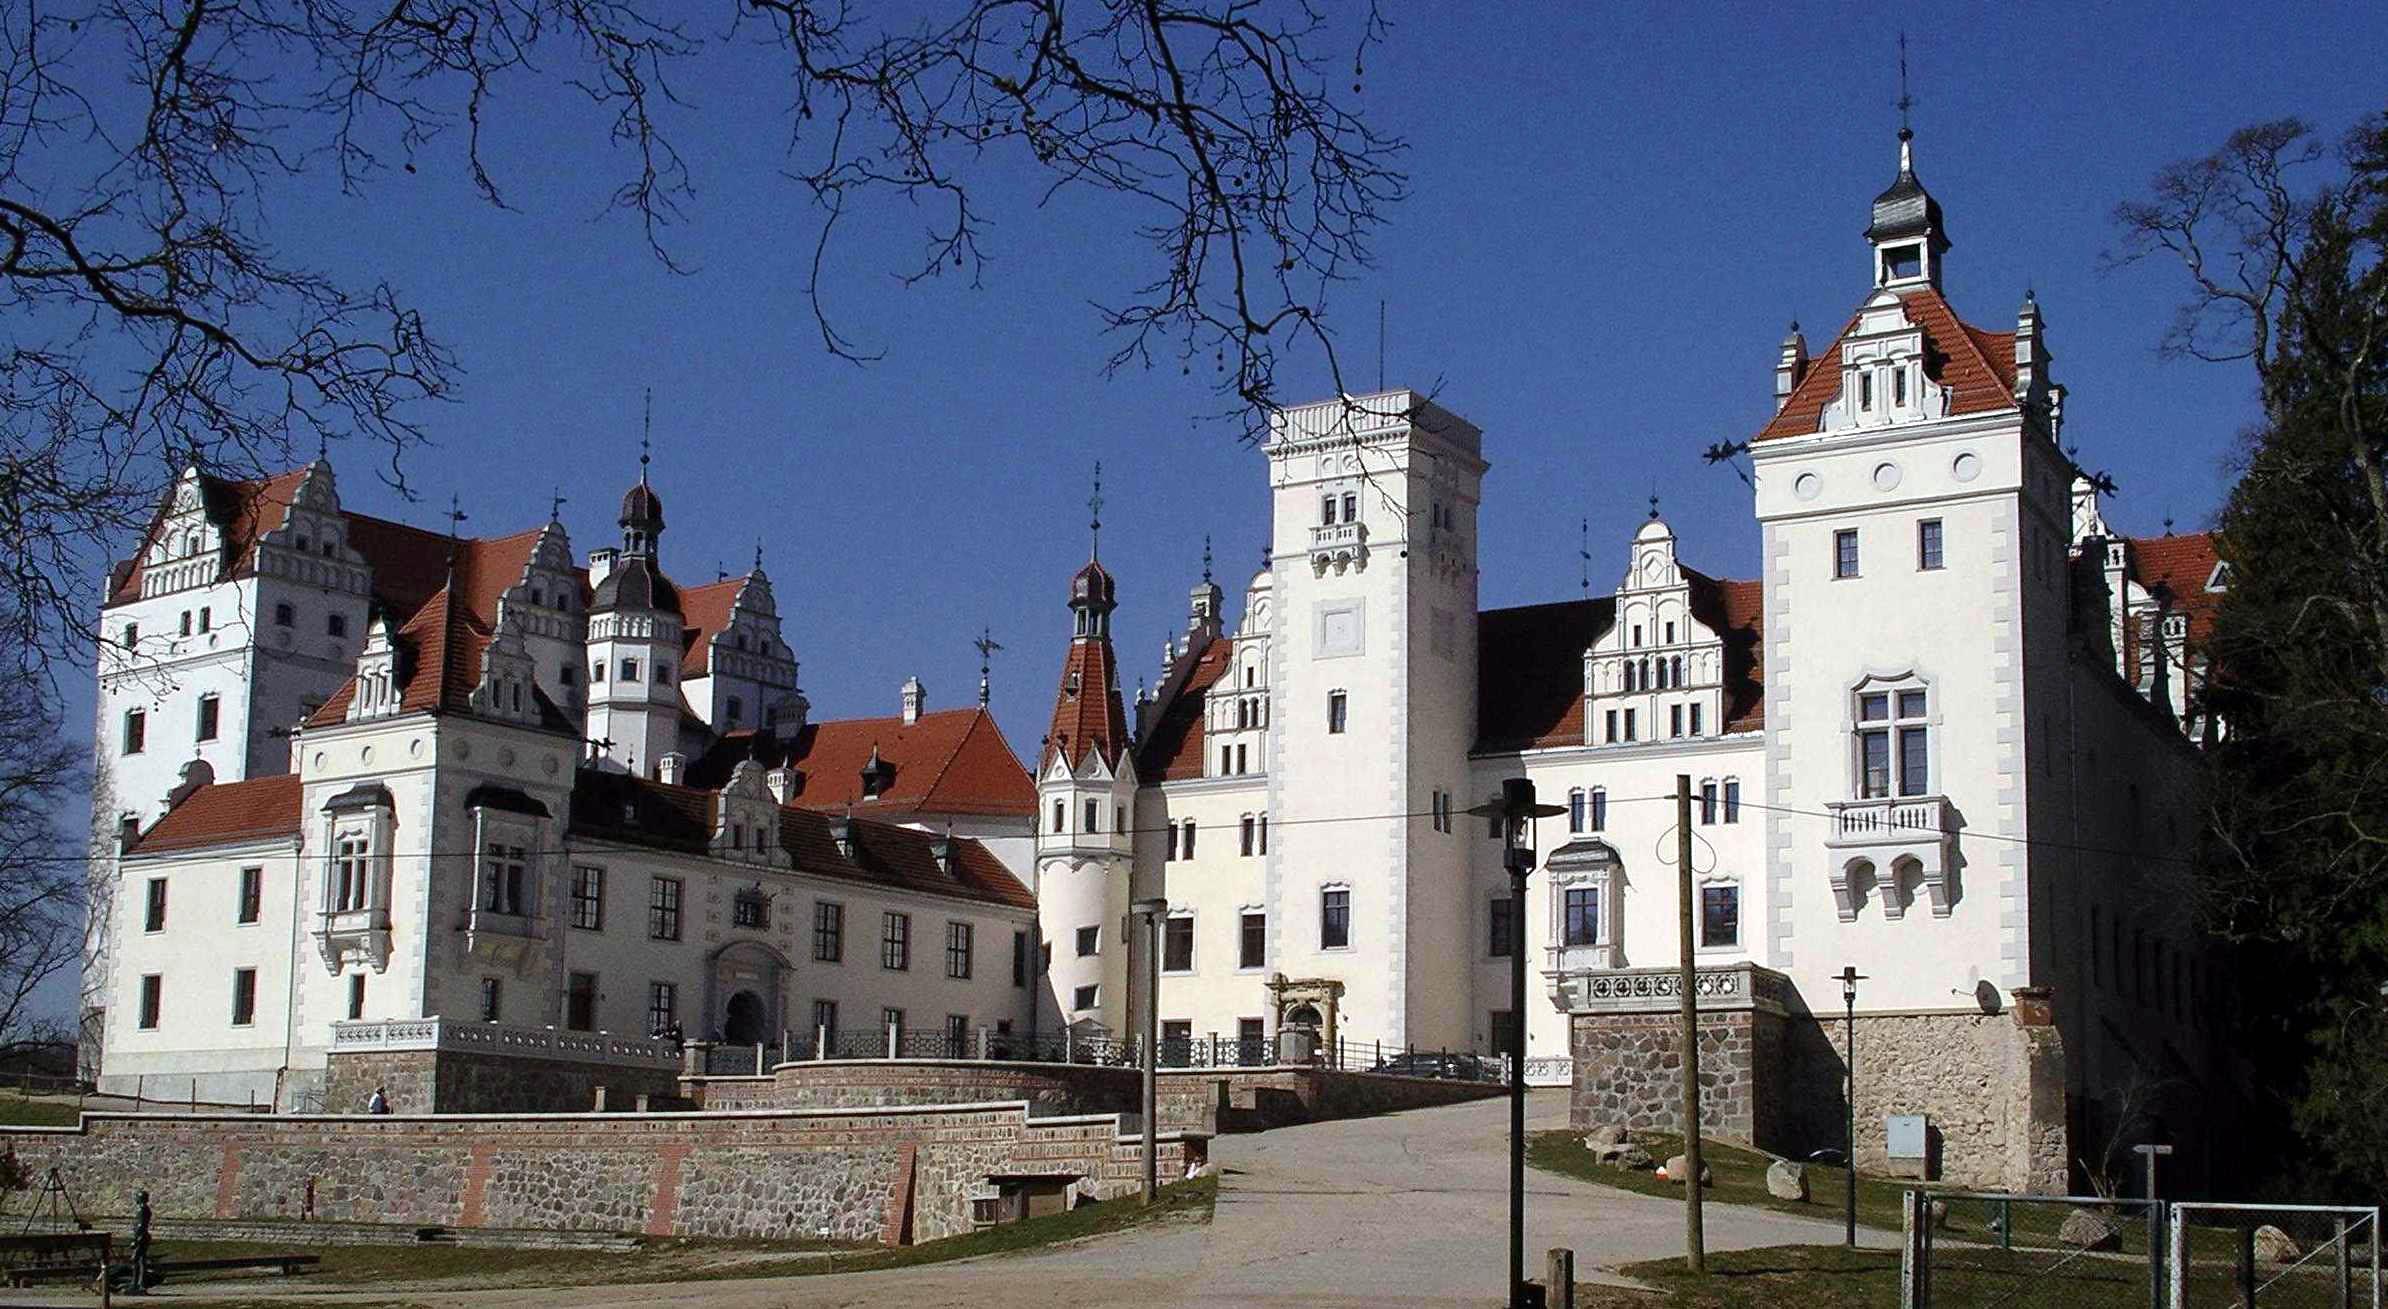 Bild von Brandenburg: Schloss Boitzenburg in der Uckermark